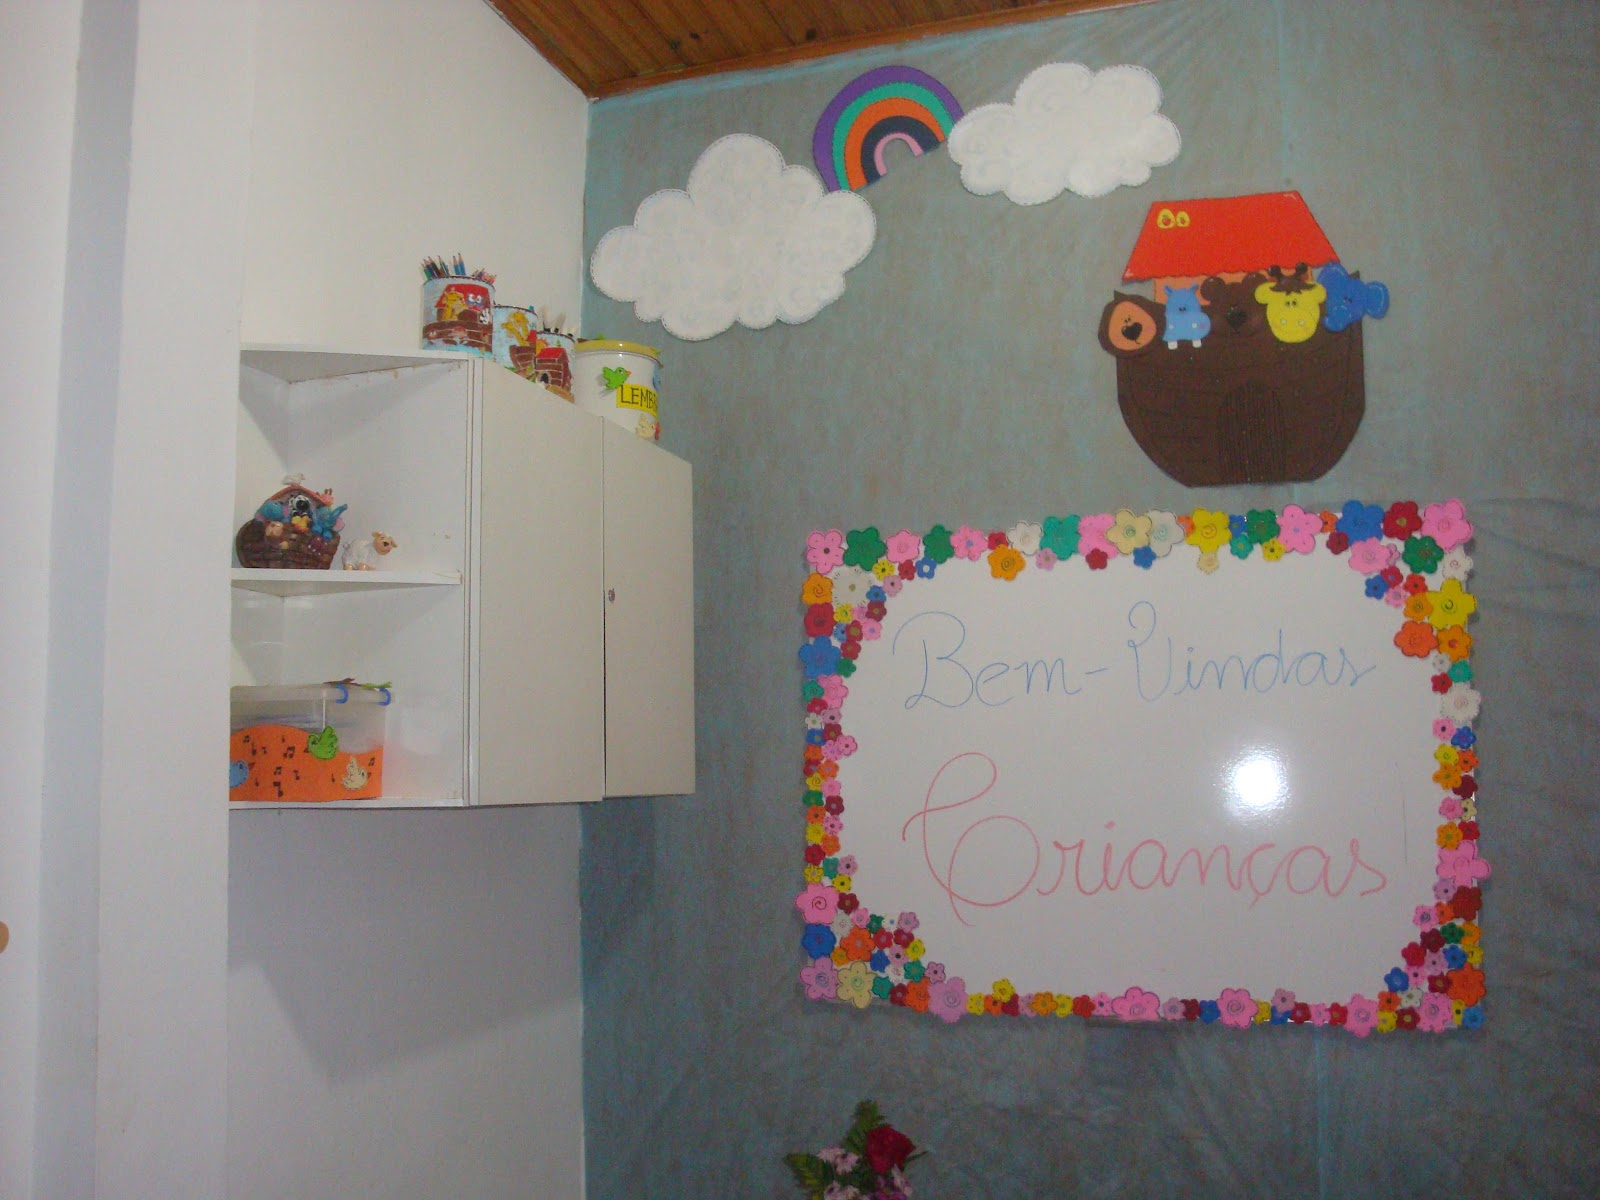 decoracao de sala infantil escola dominical : decoracao de sala infantil escola dominical:Grande Amor de Deus: Decoração para sala de aula